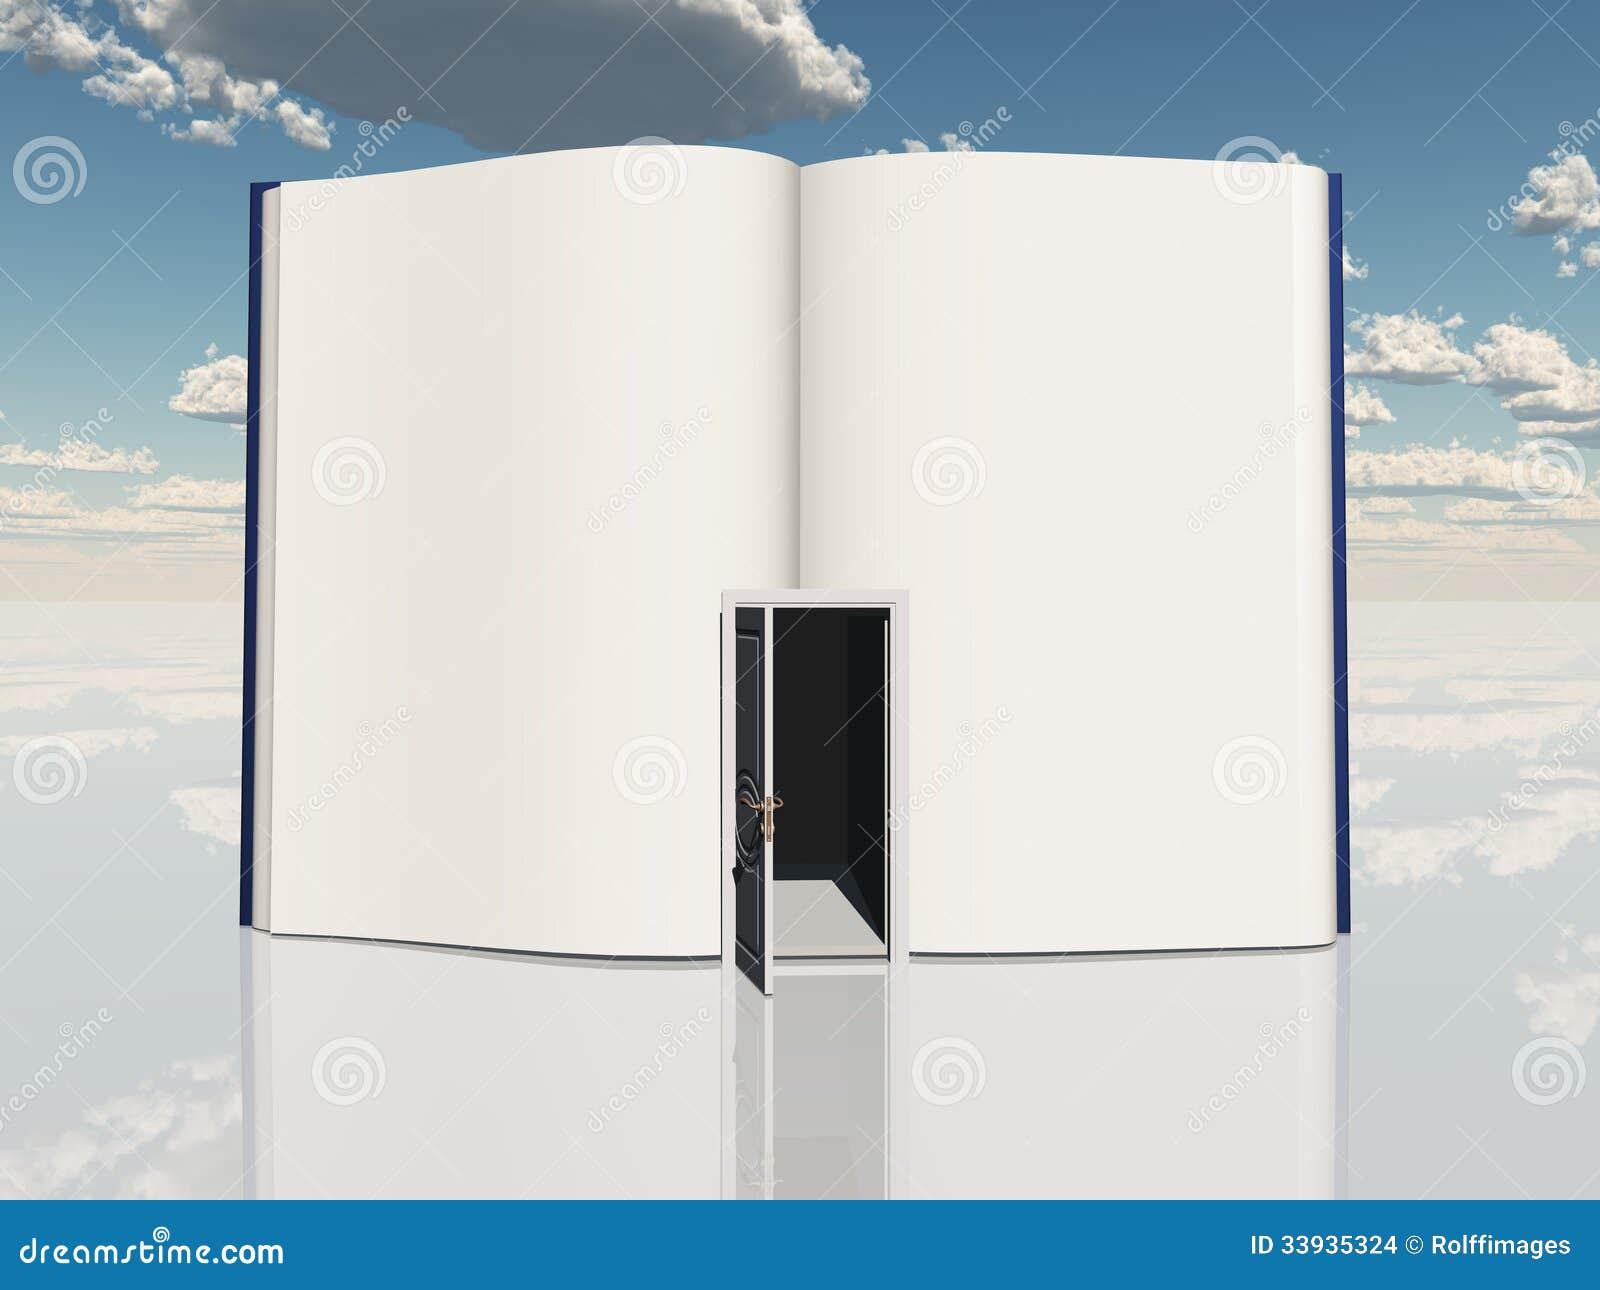 Book with open door & Book with open door stock illustration. Illustration of achievement ...